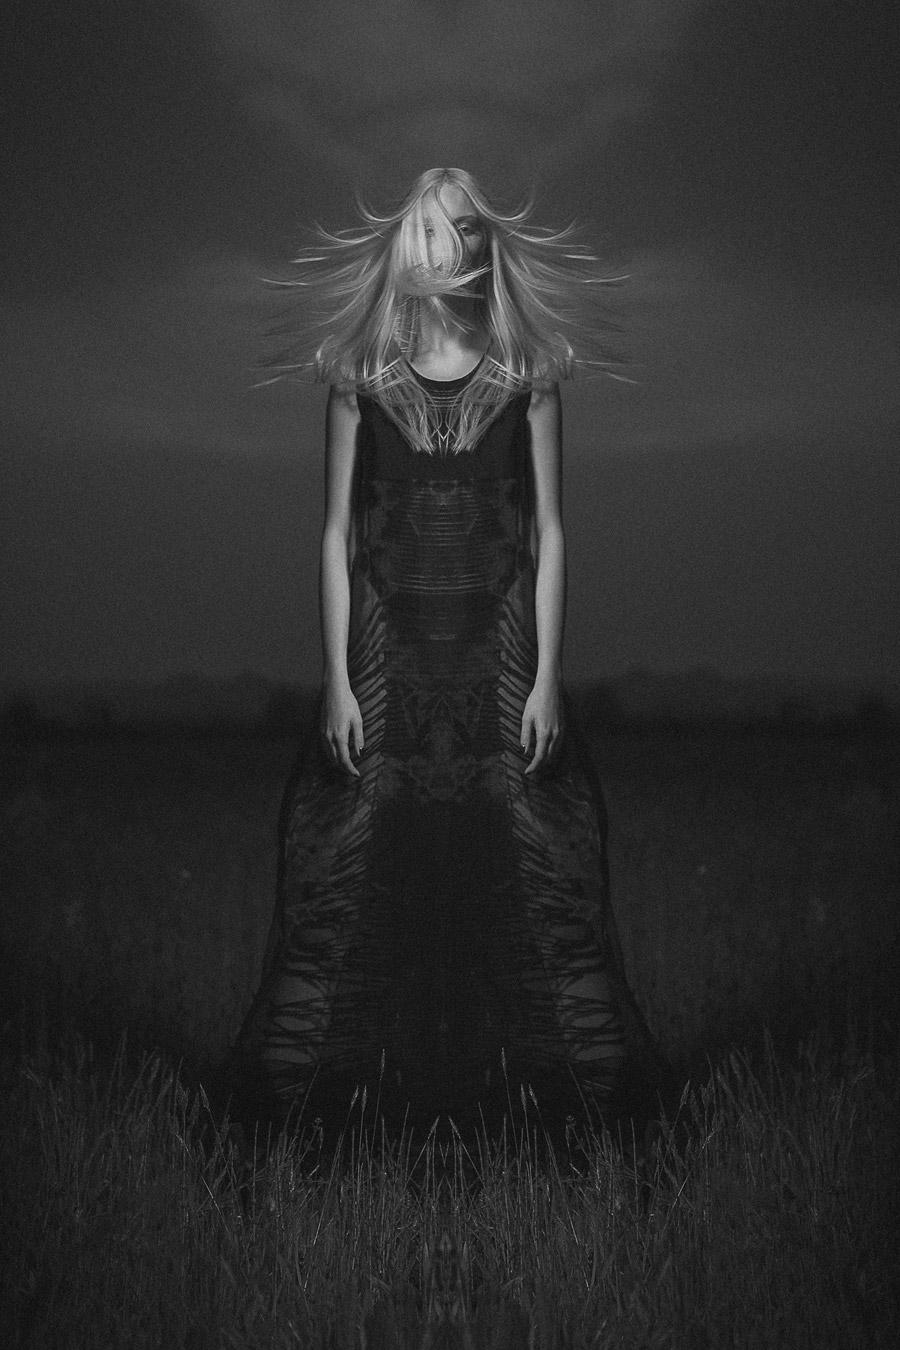 Ана Грегорич / Ana Gregorič, Словения, 1-е место в категории «Один свет», Фотоконкурс «Видение света» / Seeing the Light